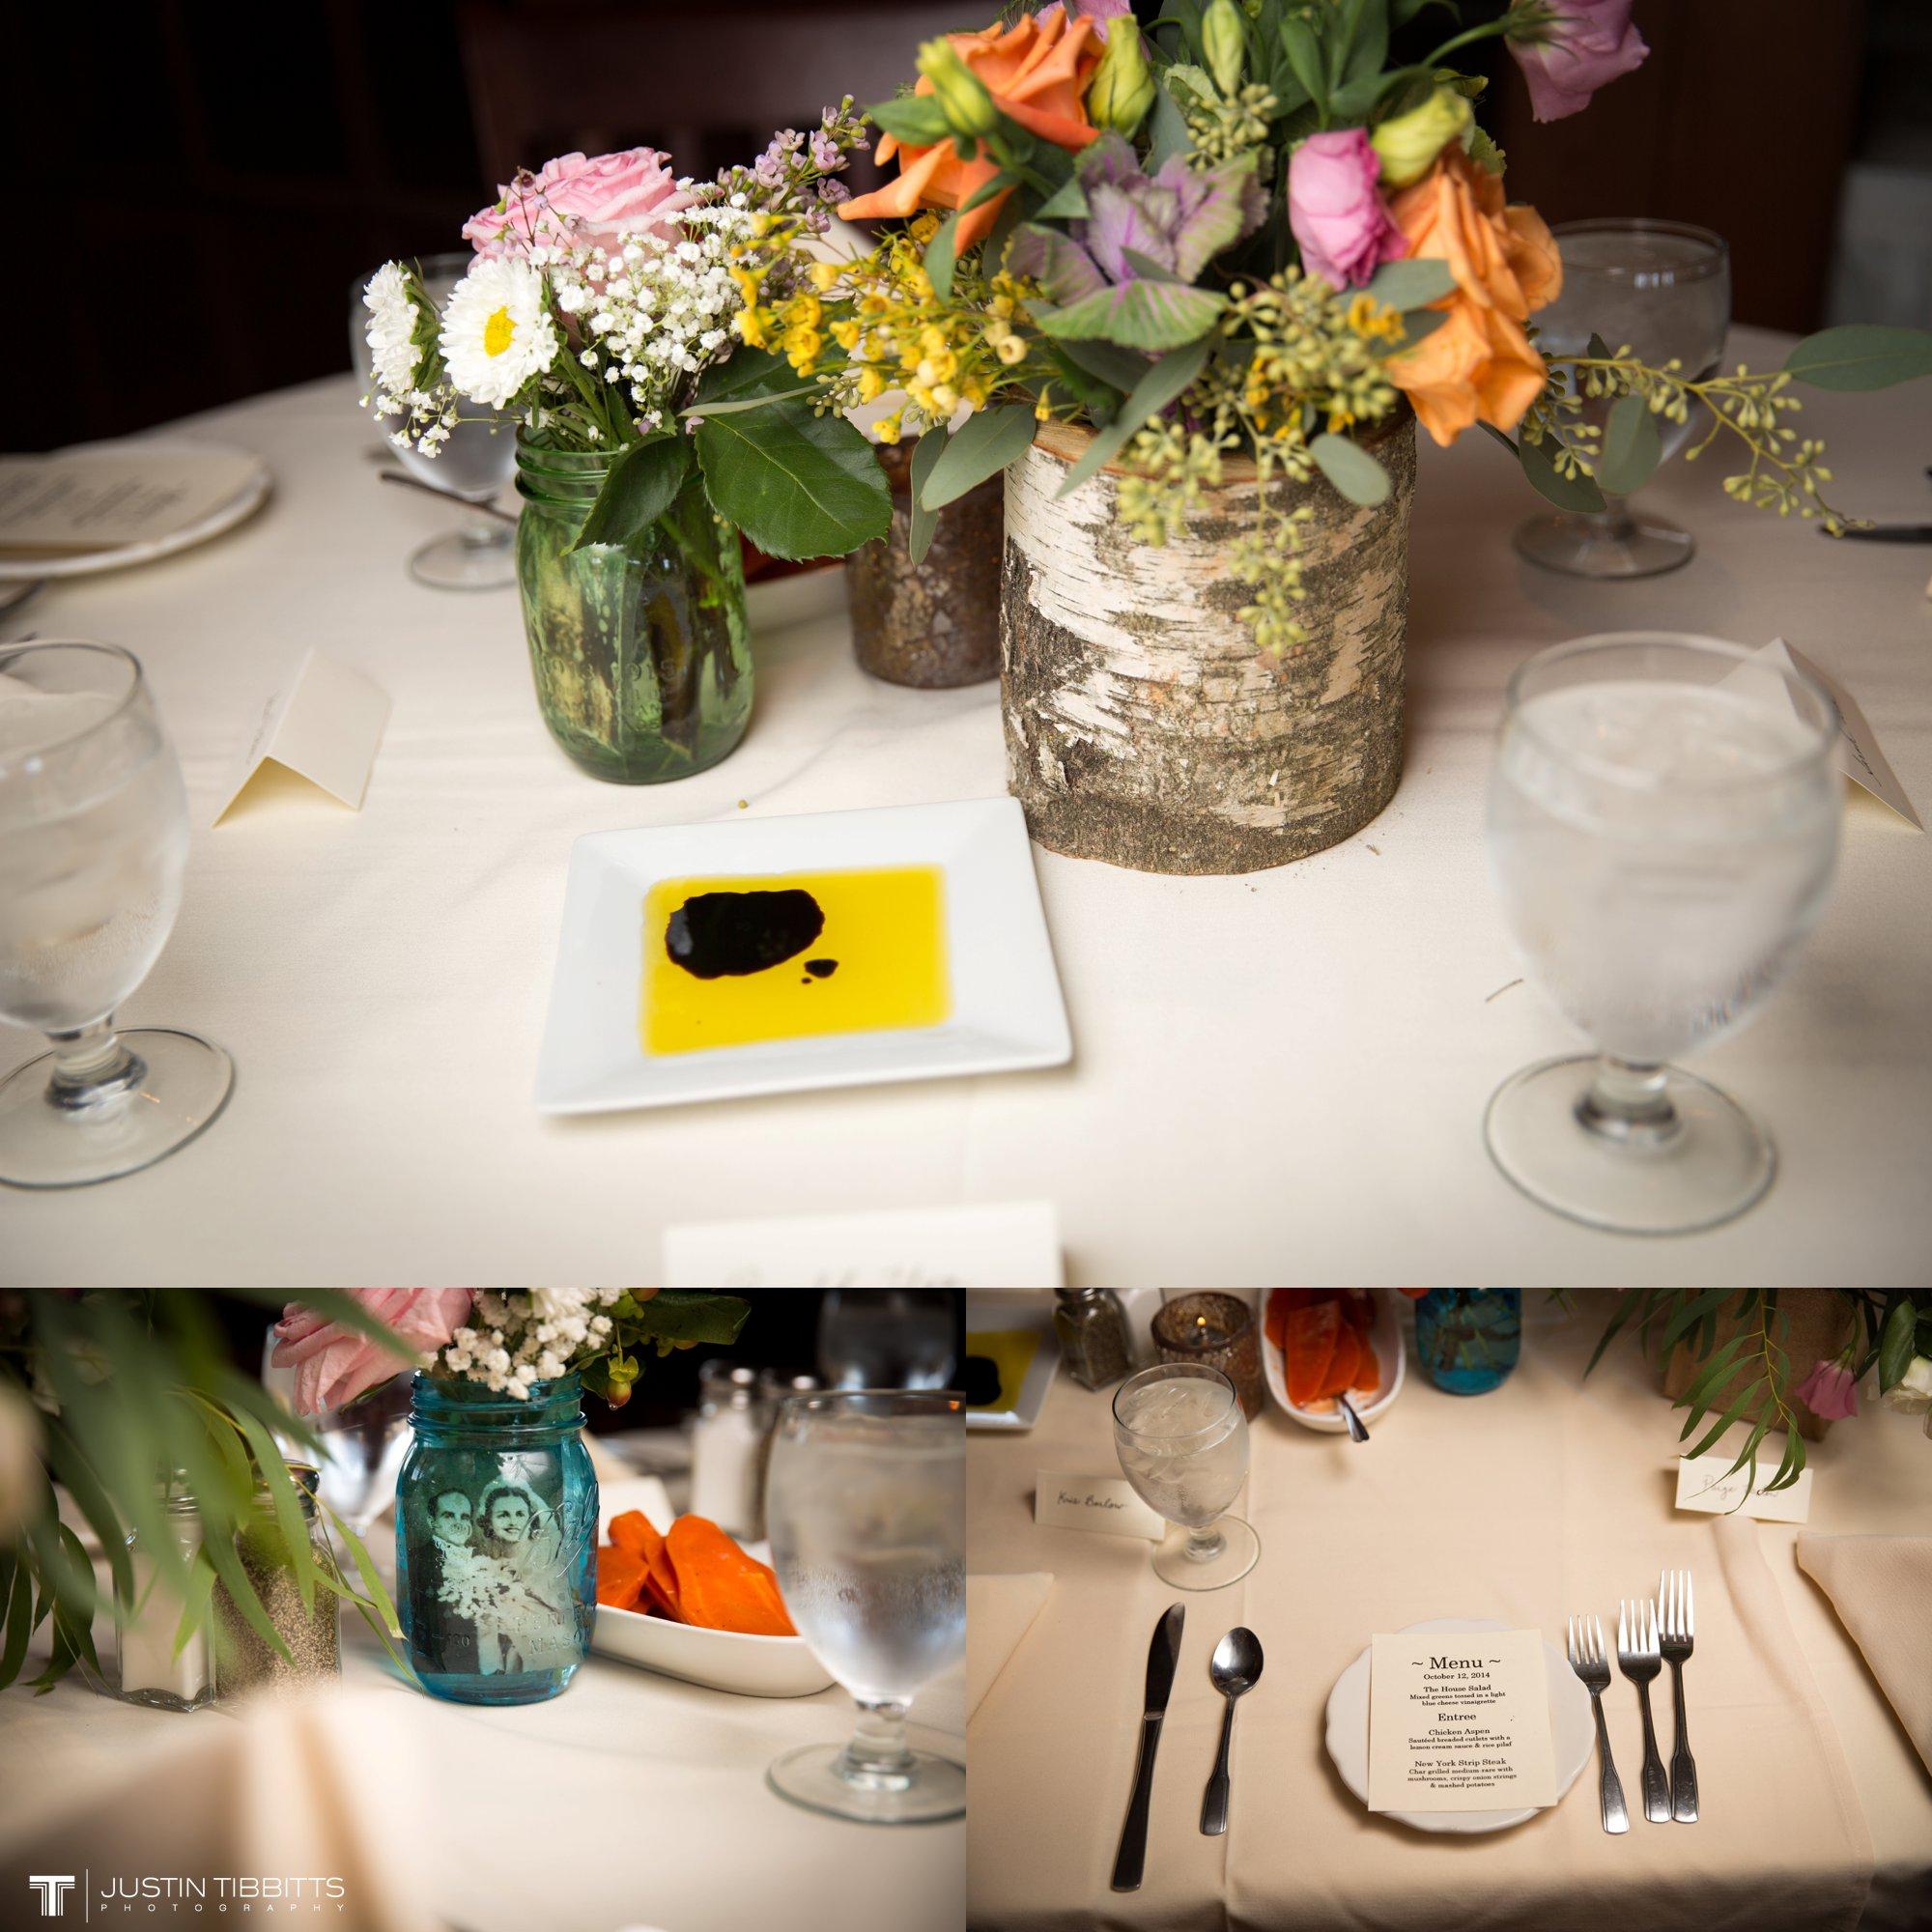 Albany NY Wedding Photographer Justin Tibbitts Photography 2014 Best of Albany NY Weddings-335189230396